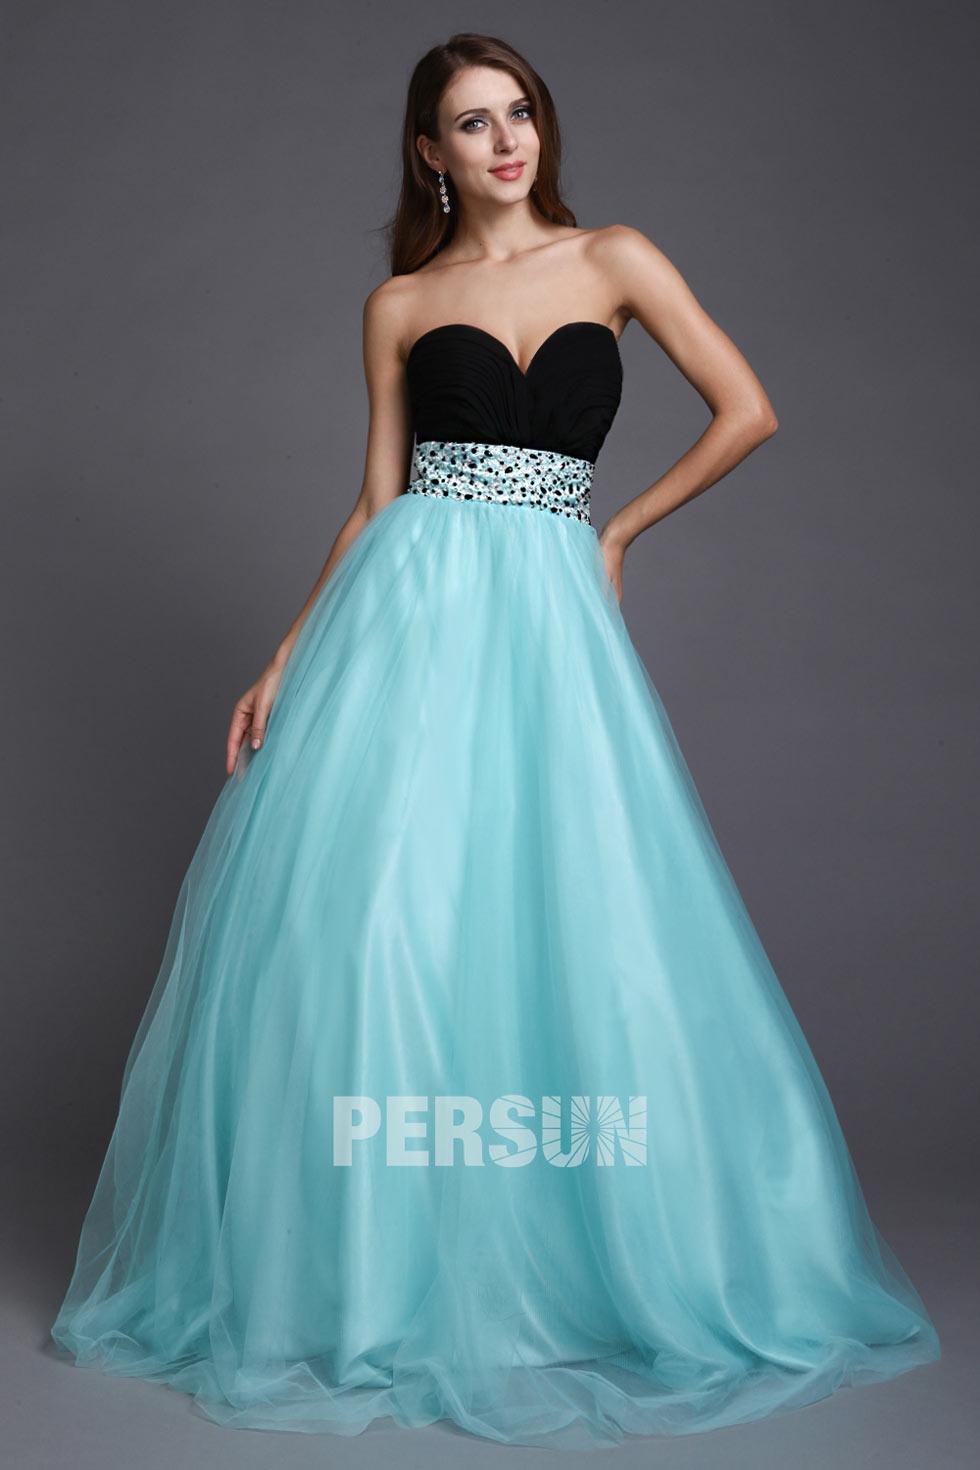 robe de soirée princesse noire et bleu bustier coeur empire 6c059a1d8fa